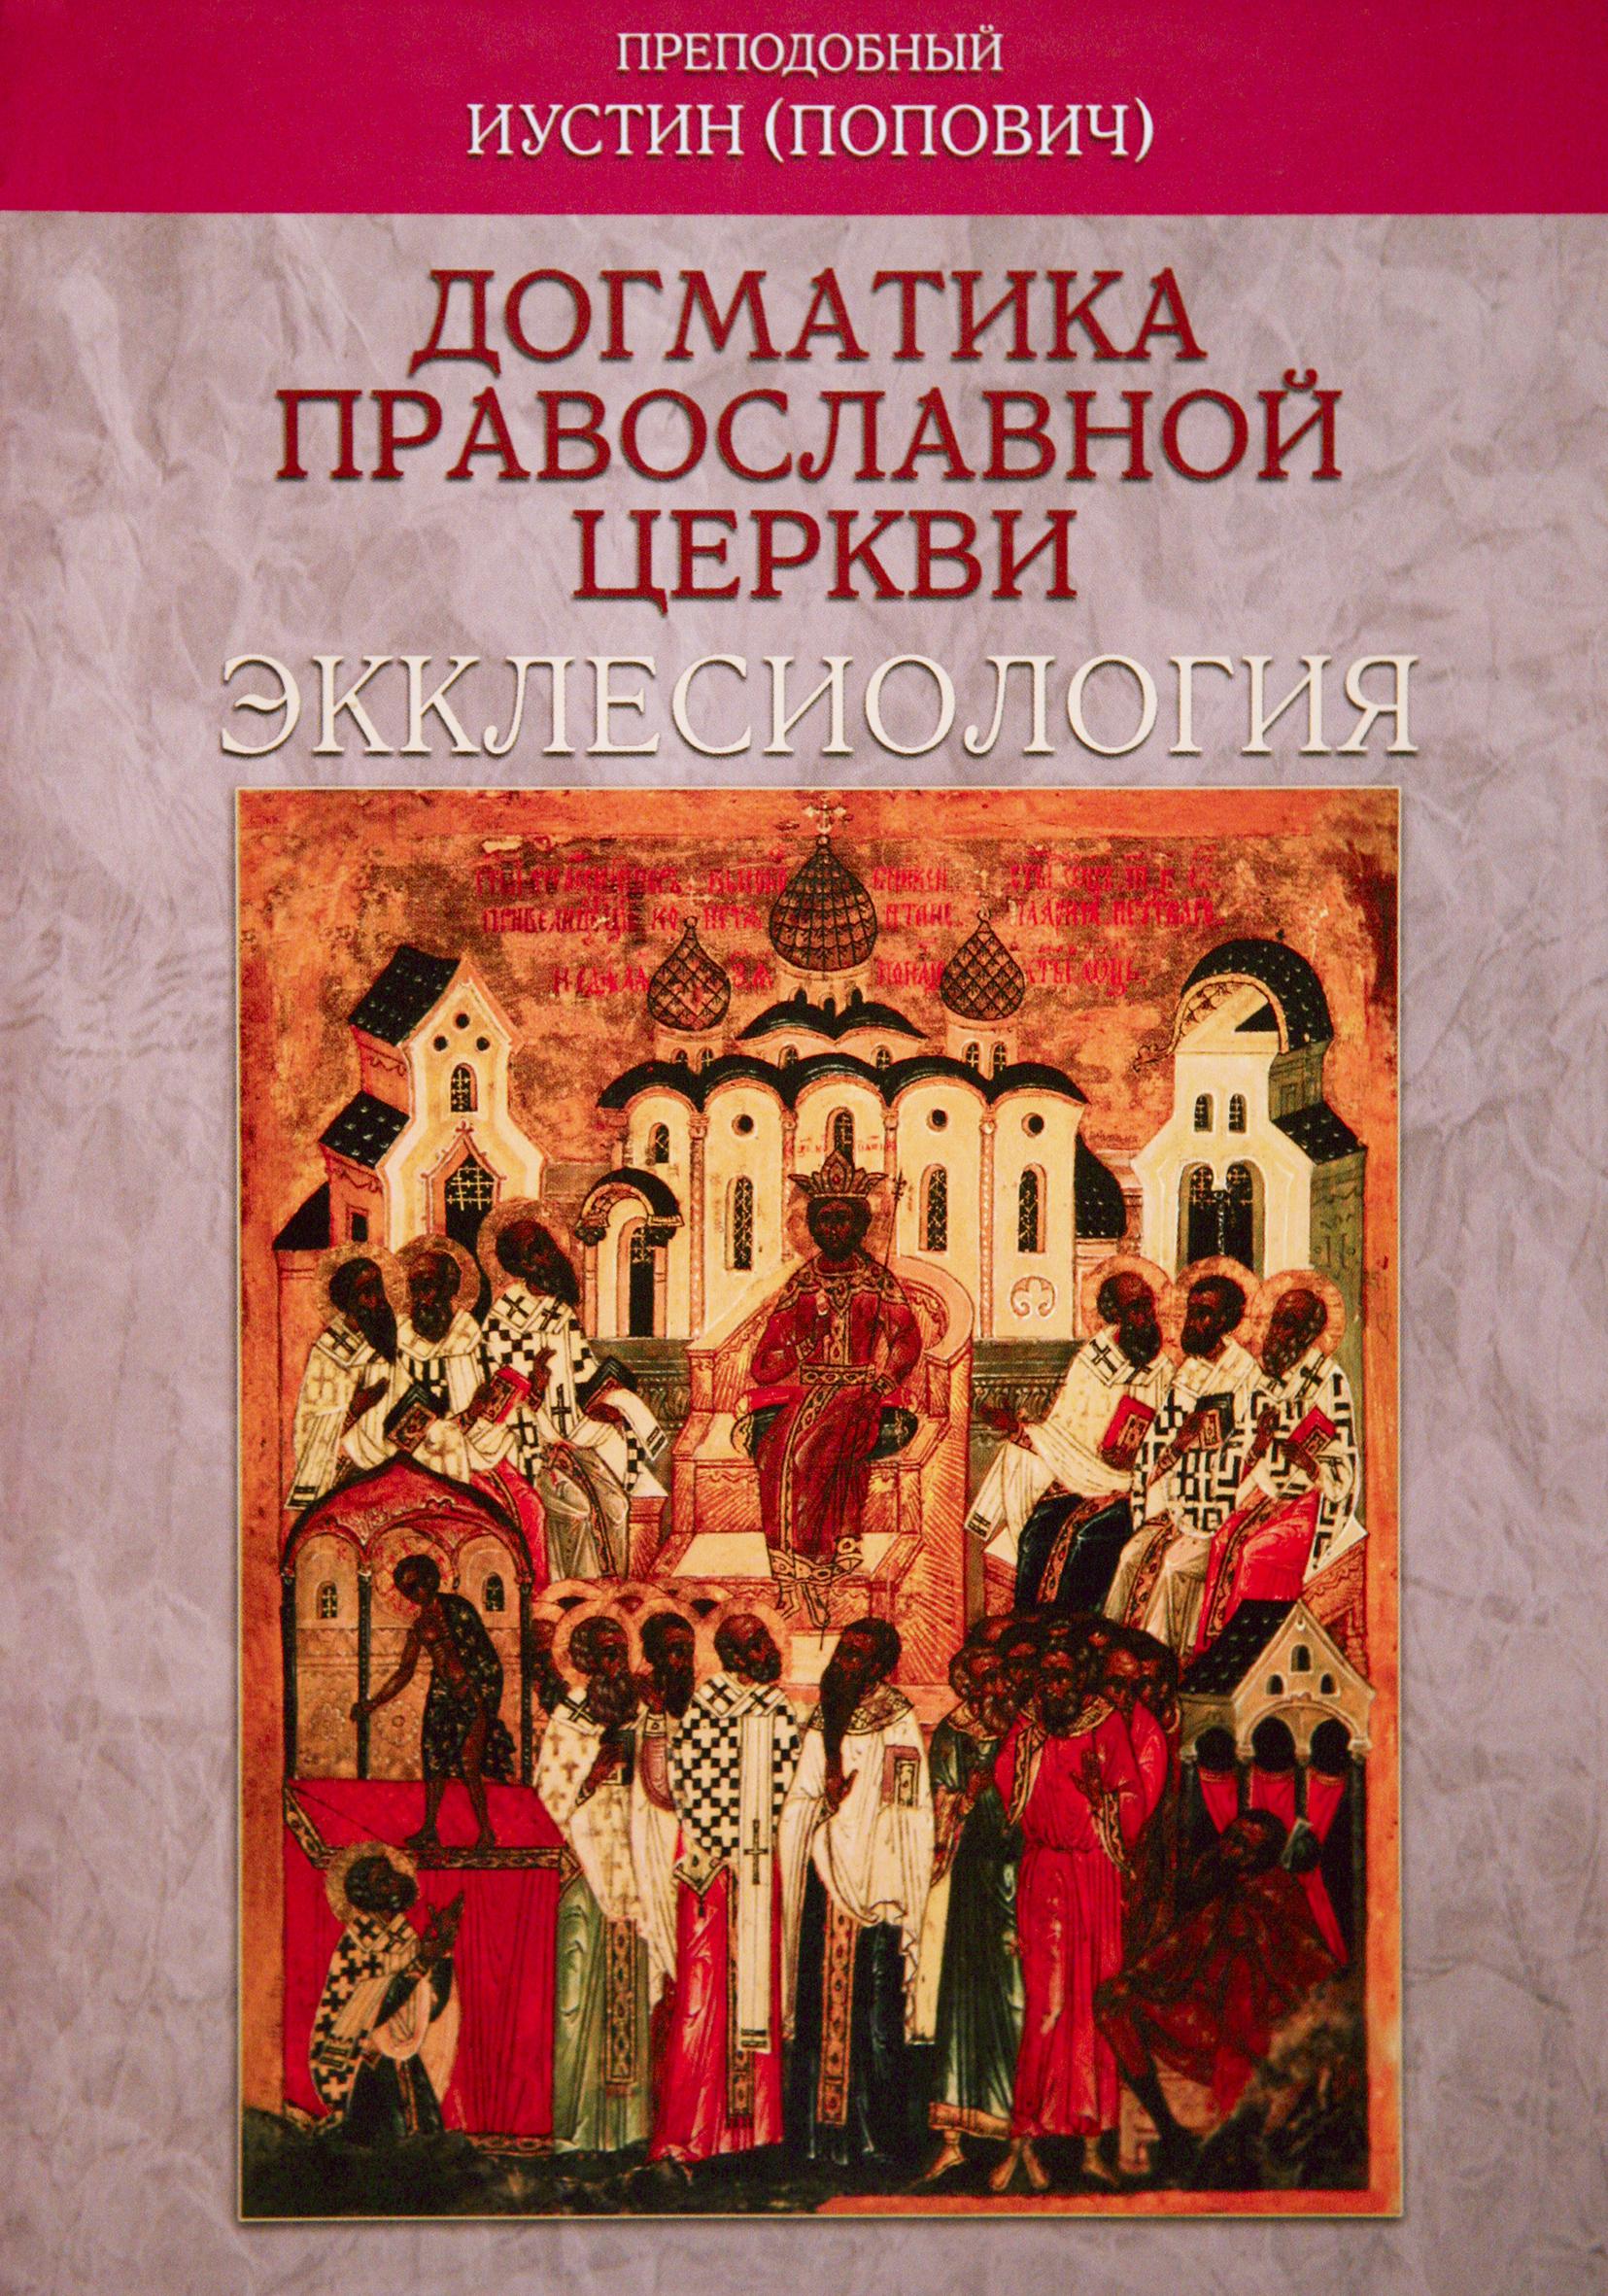 Догматика Православной Церкви. Экклесиология